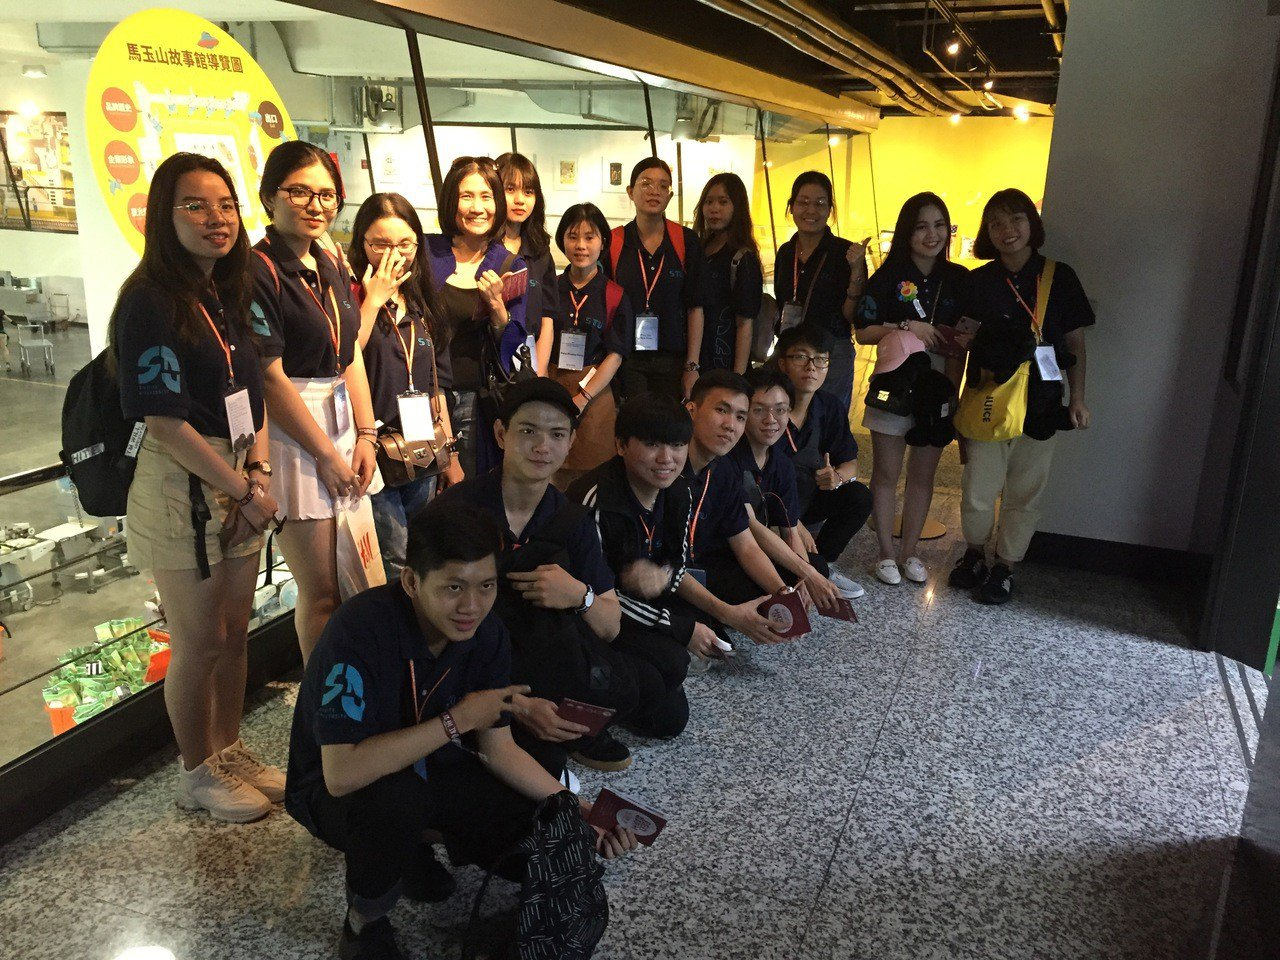 越南鴻龐國際大學來台上課,學生參訪紅頂穀創穀物文創樂園。記者徐白櫻/翻攝